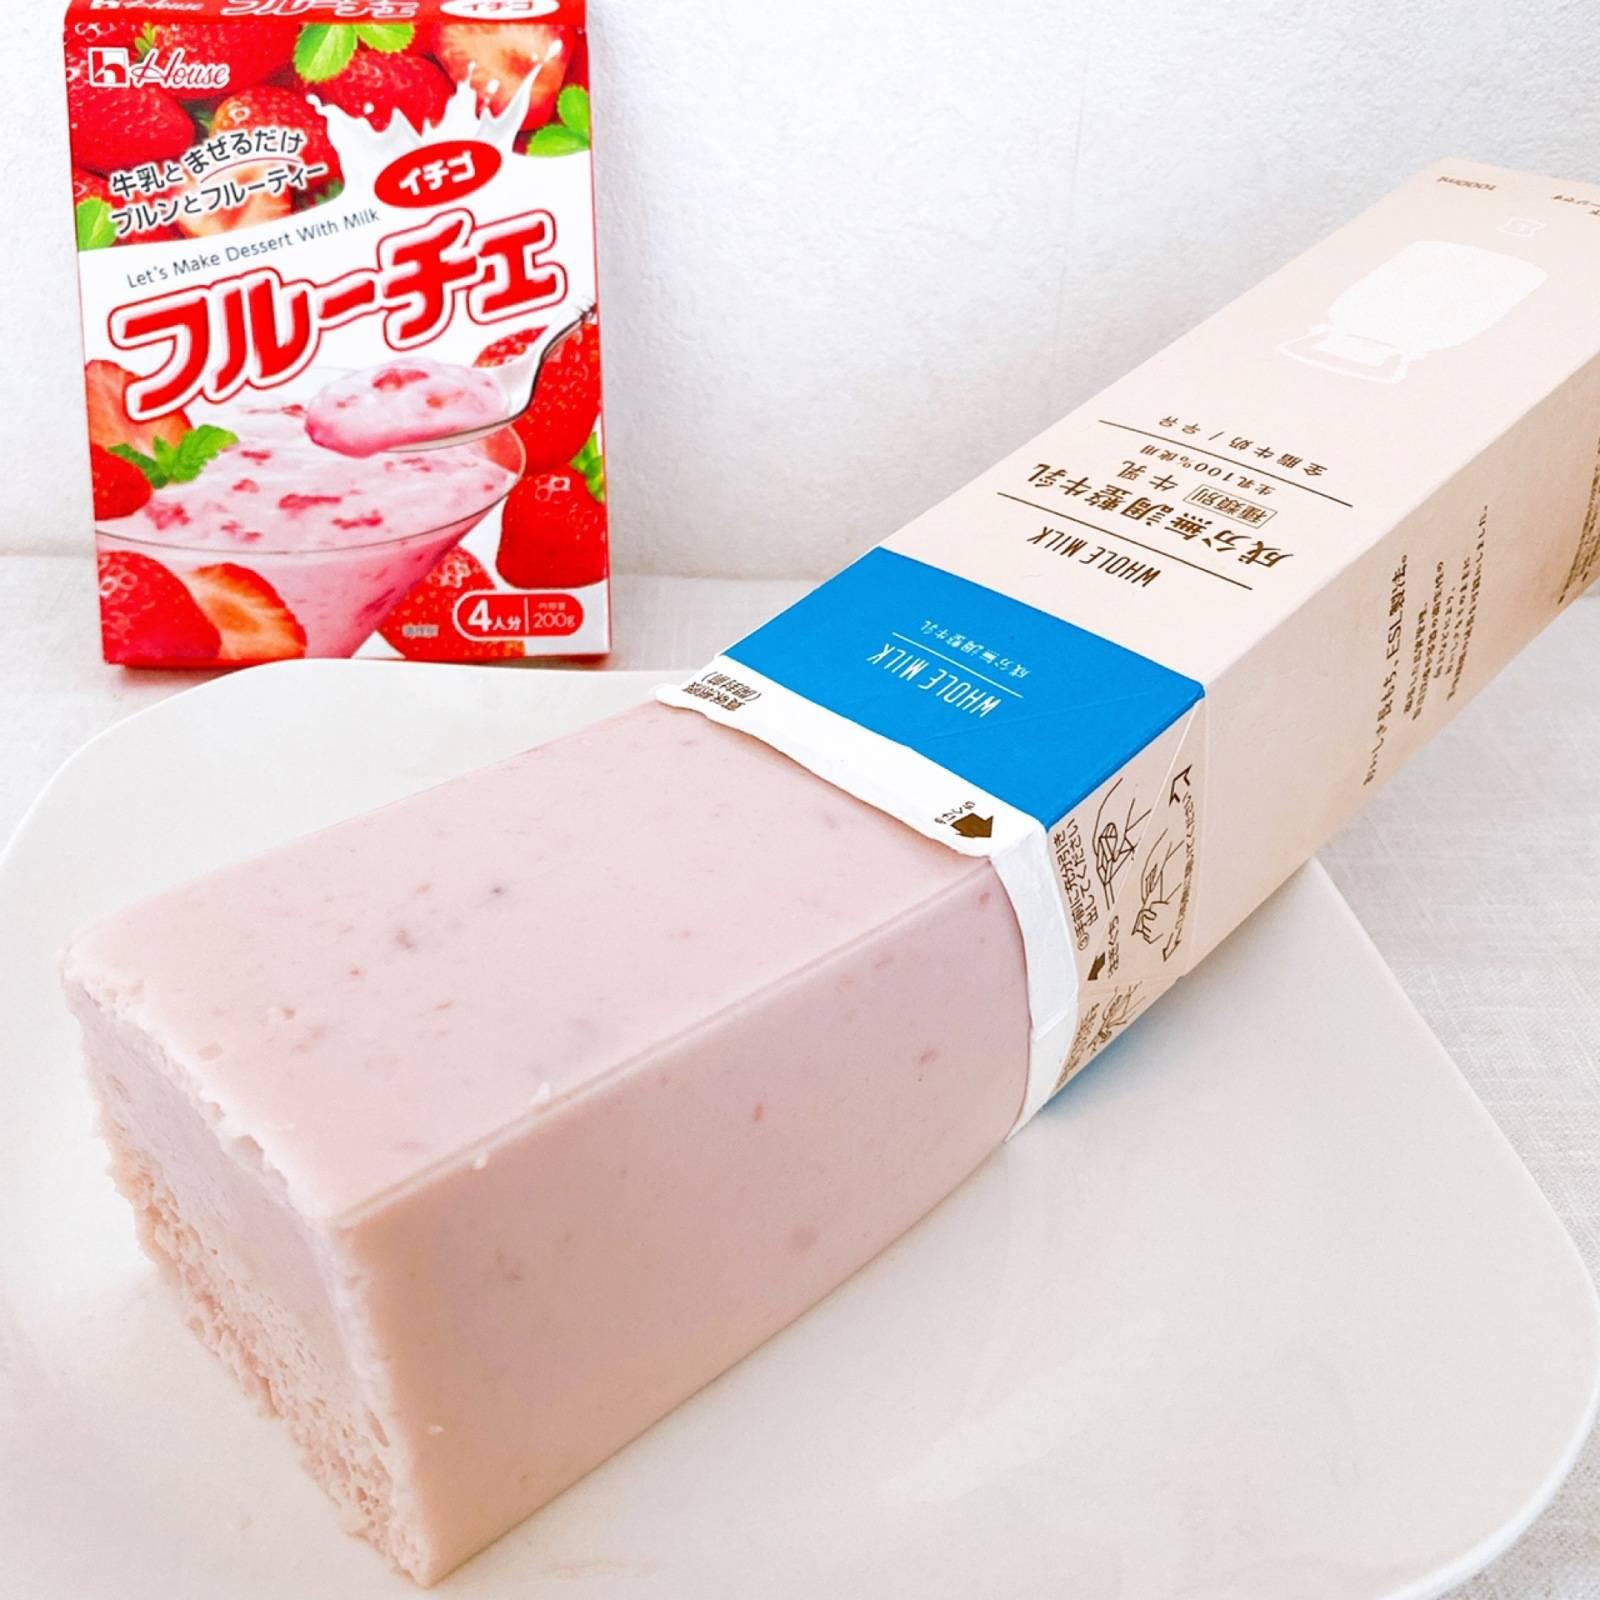 フルーチェで作る牛乳パックまるごとプリン